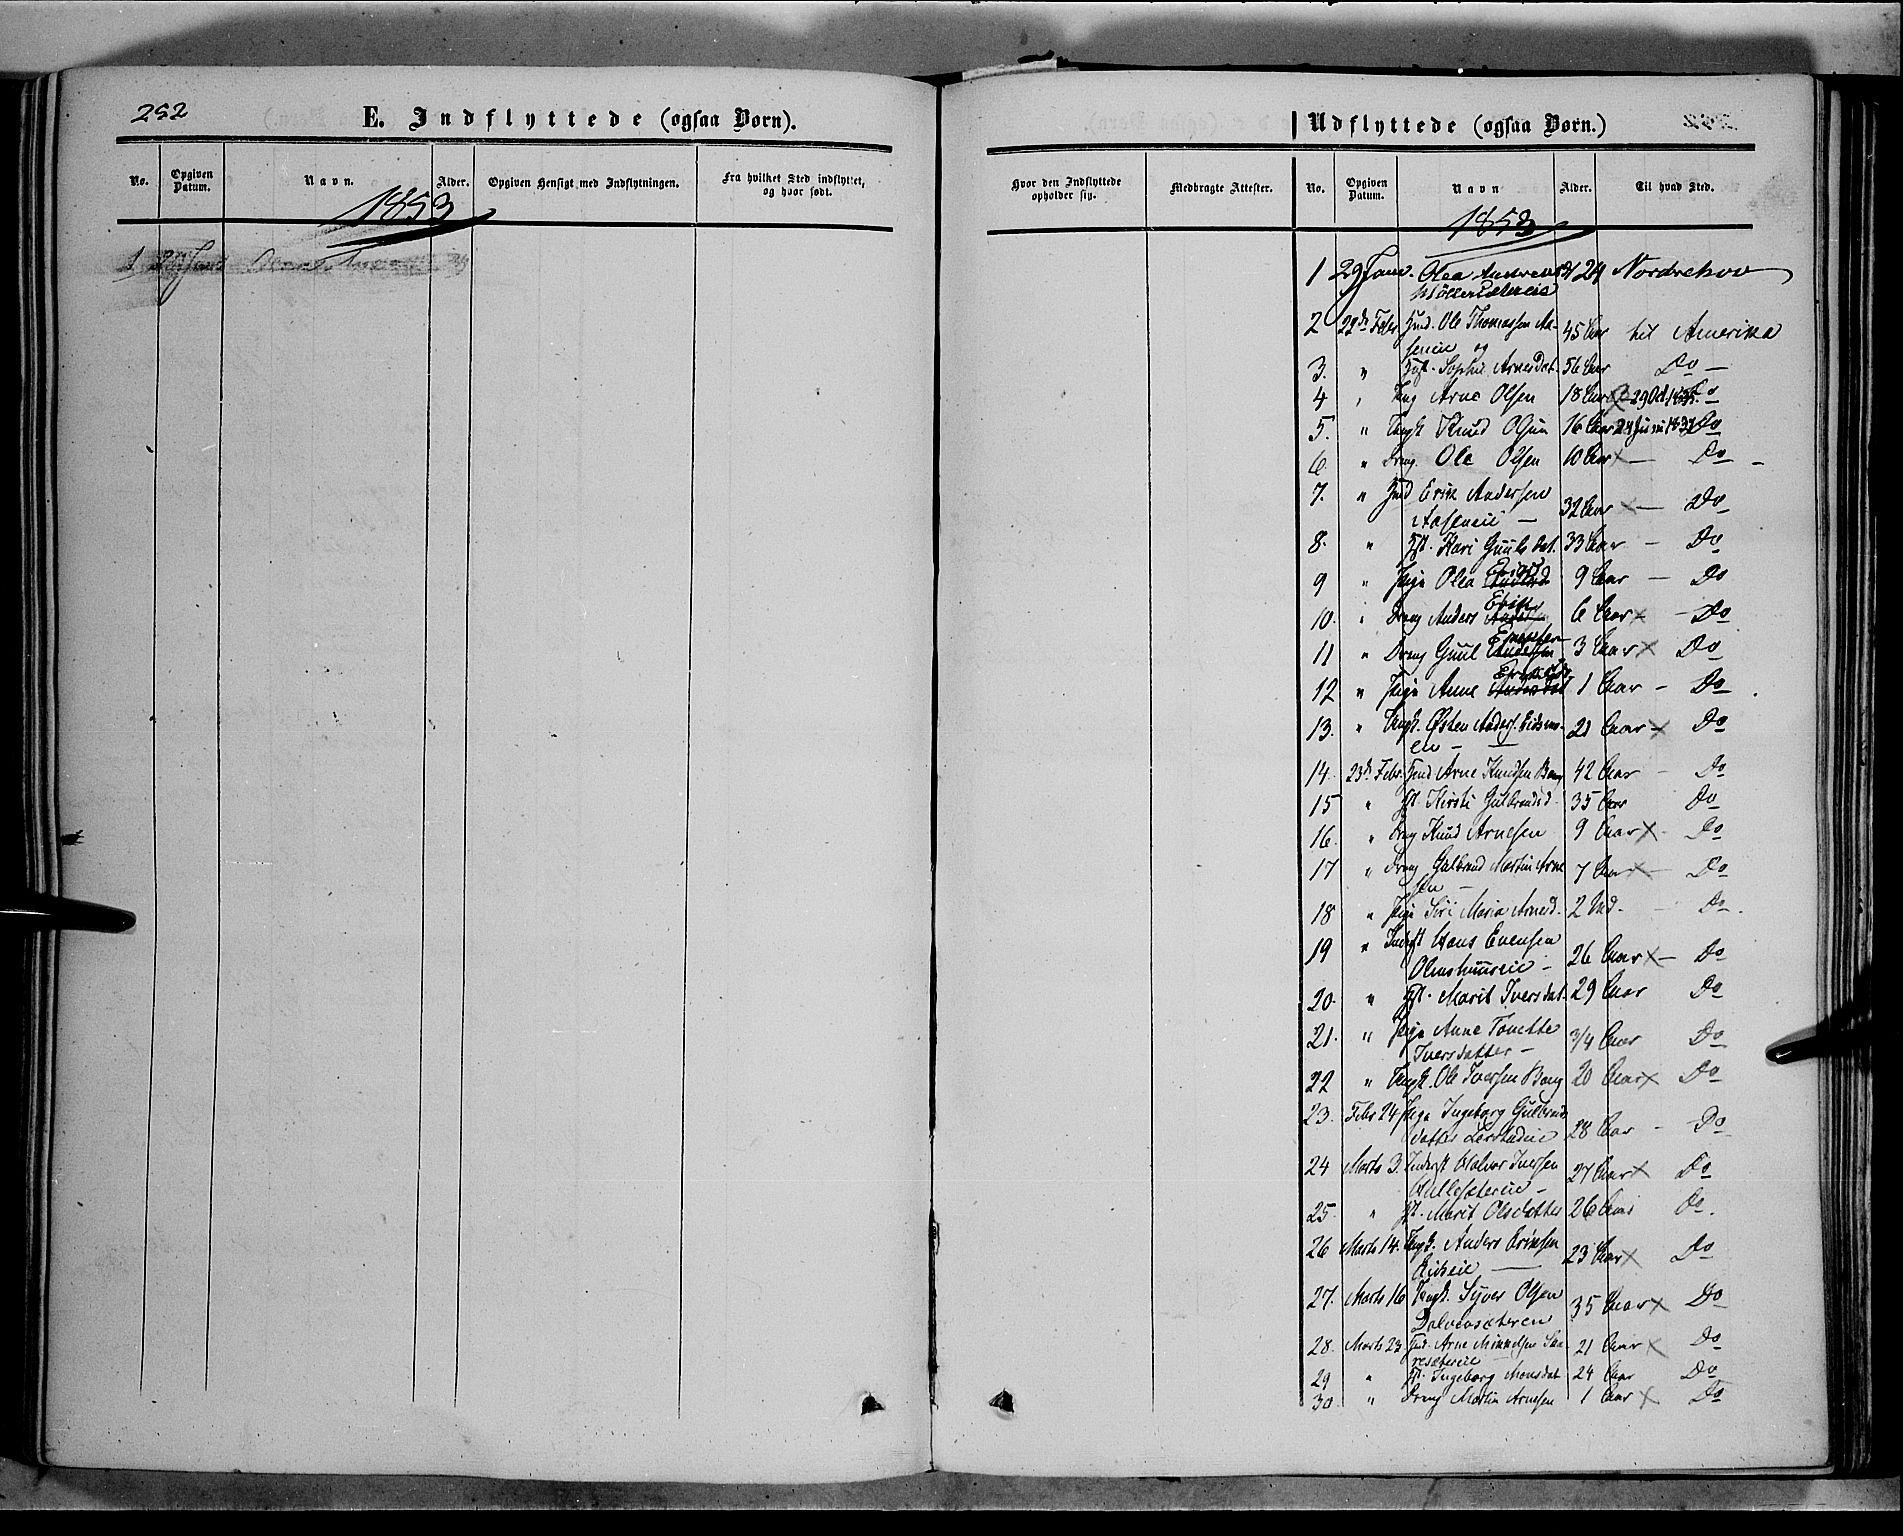 SAH, Sør-Aurdal prestekontor, Ministerialbok nr. 5, 1849-1876, s. 252